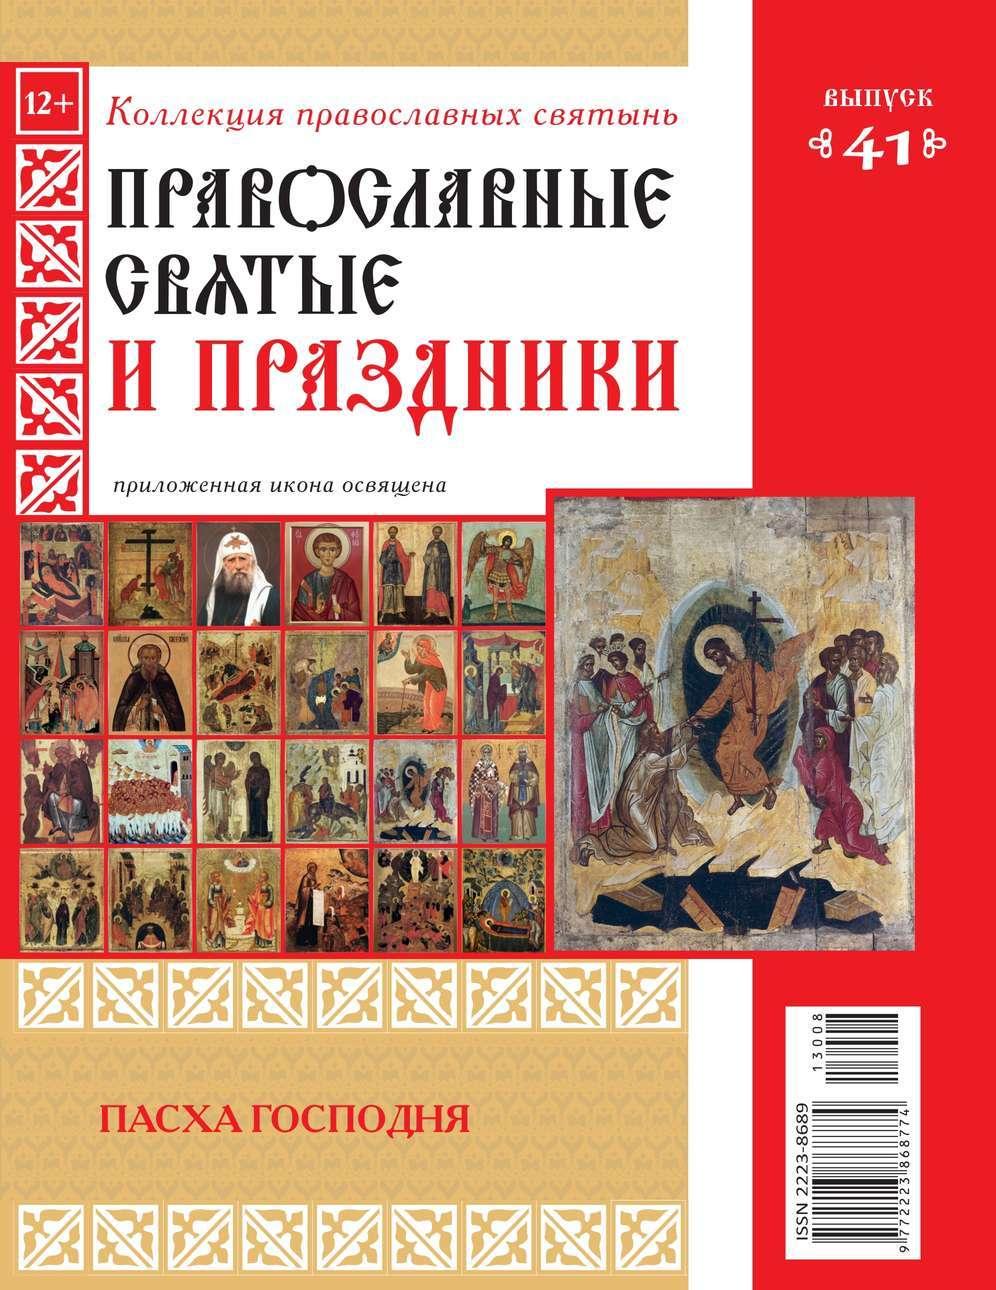 Редакция журнала Коллекция Православных Святынь Коллекция Православных Святынь 41 коллекция